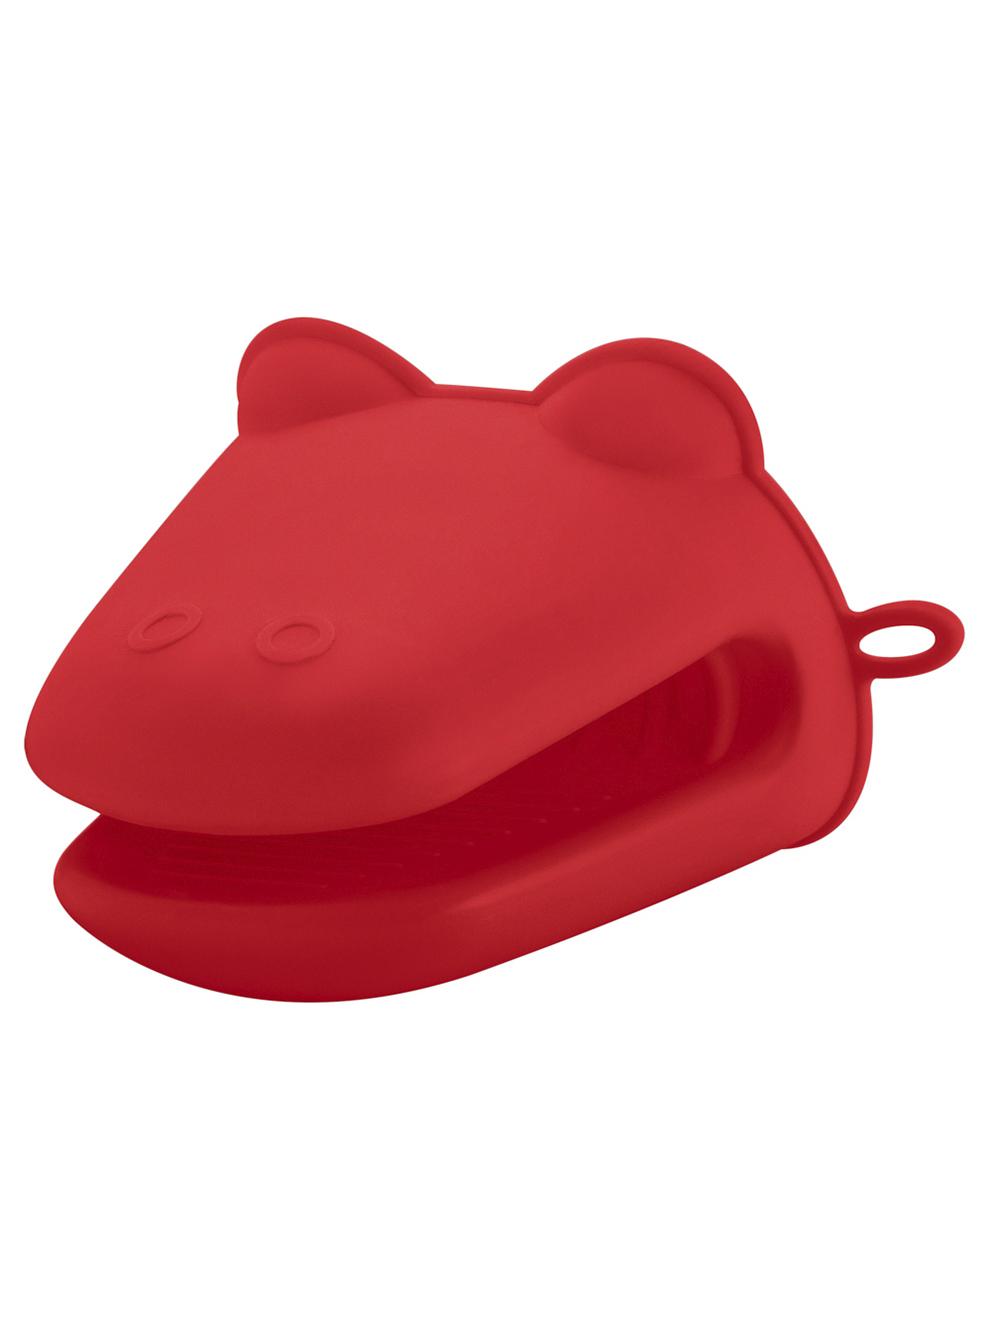 Прихватка силиконовая Guffman красная